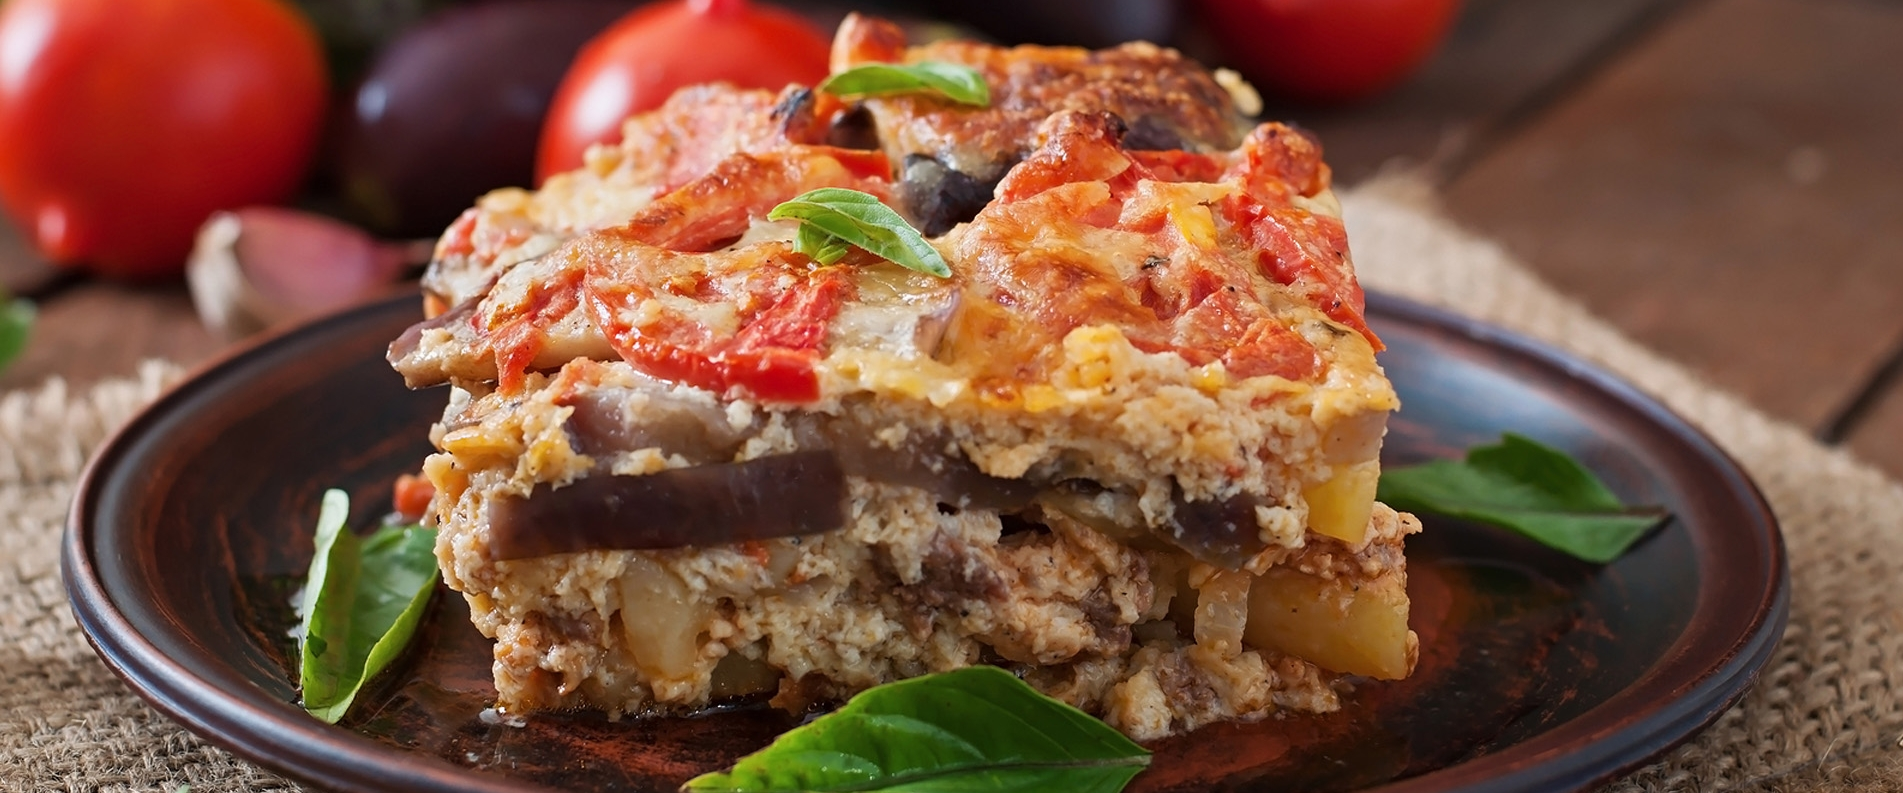 Кипрская кухня: традиционные блюда, которые нужно попробовать